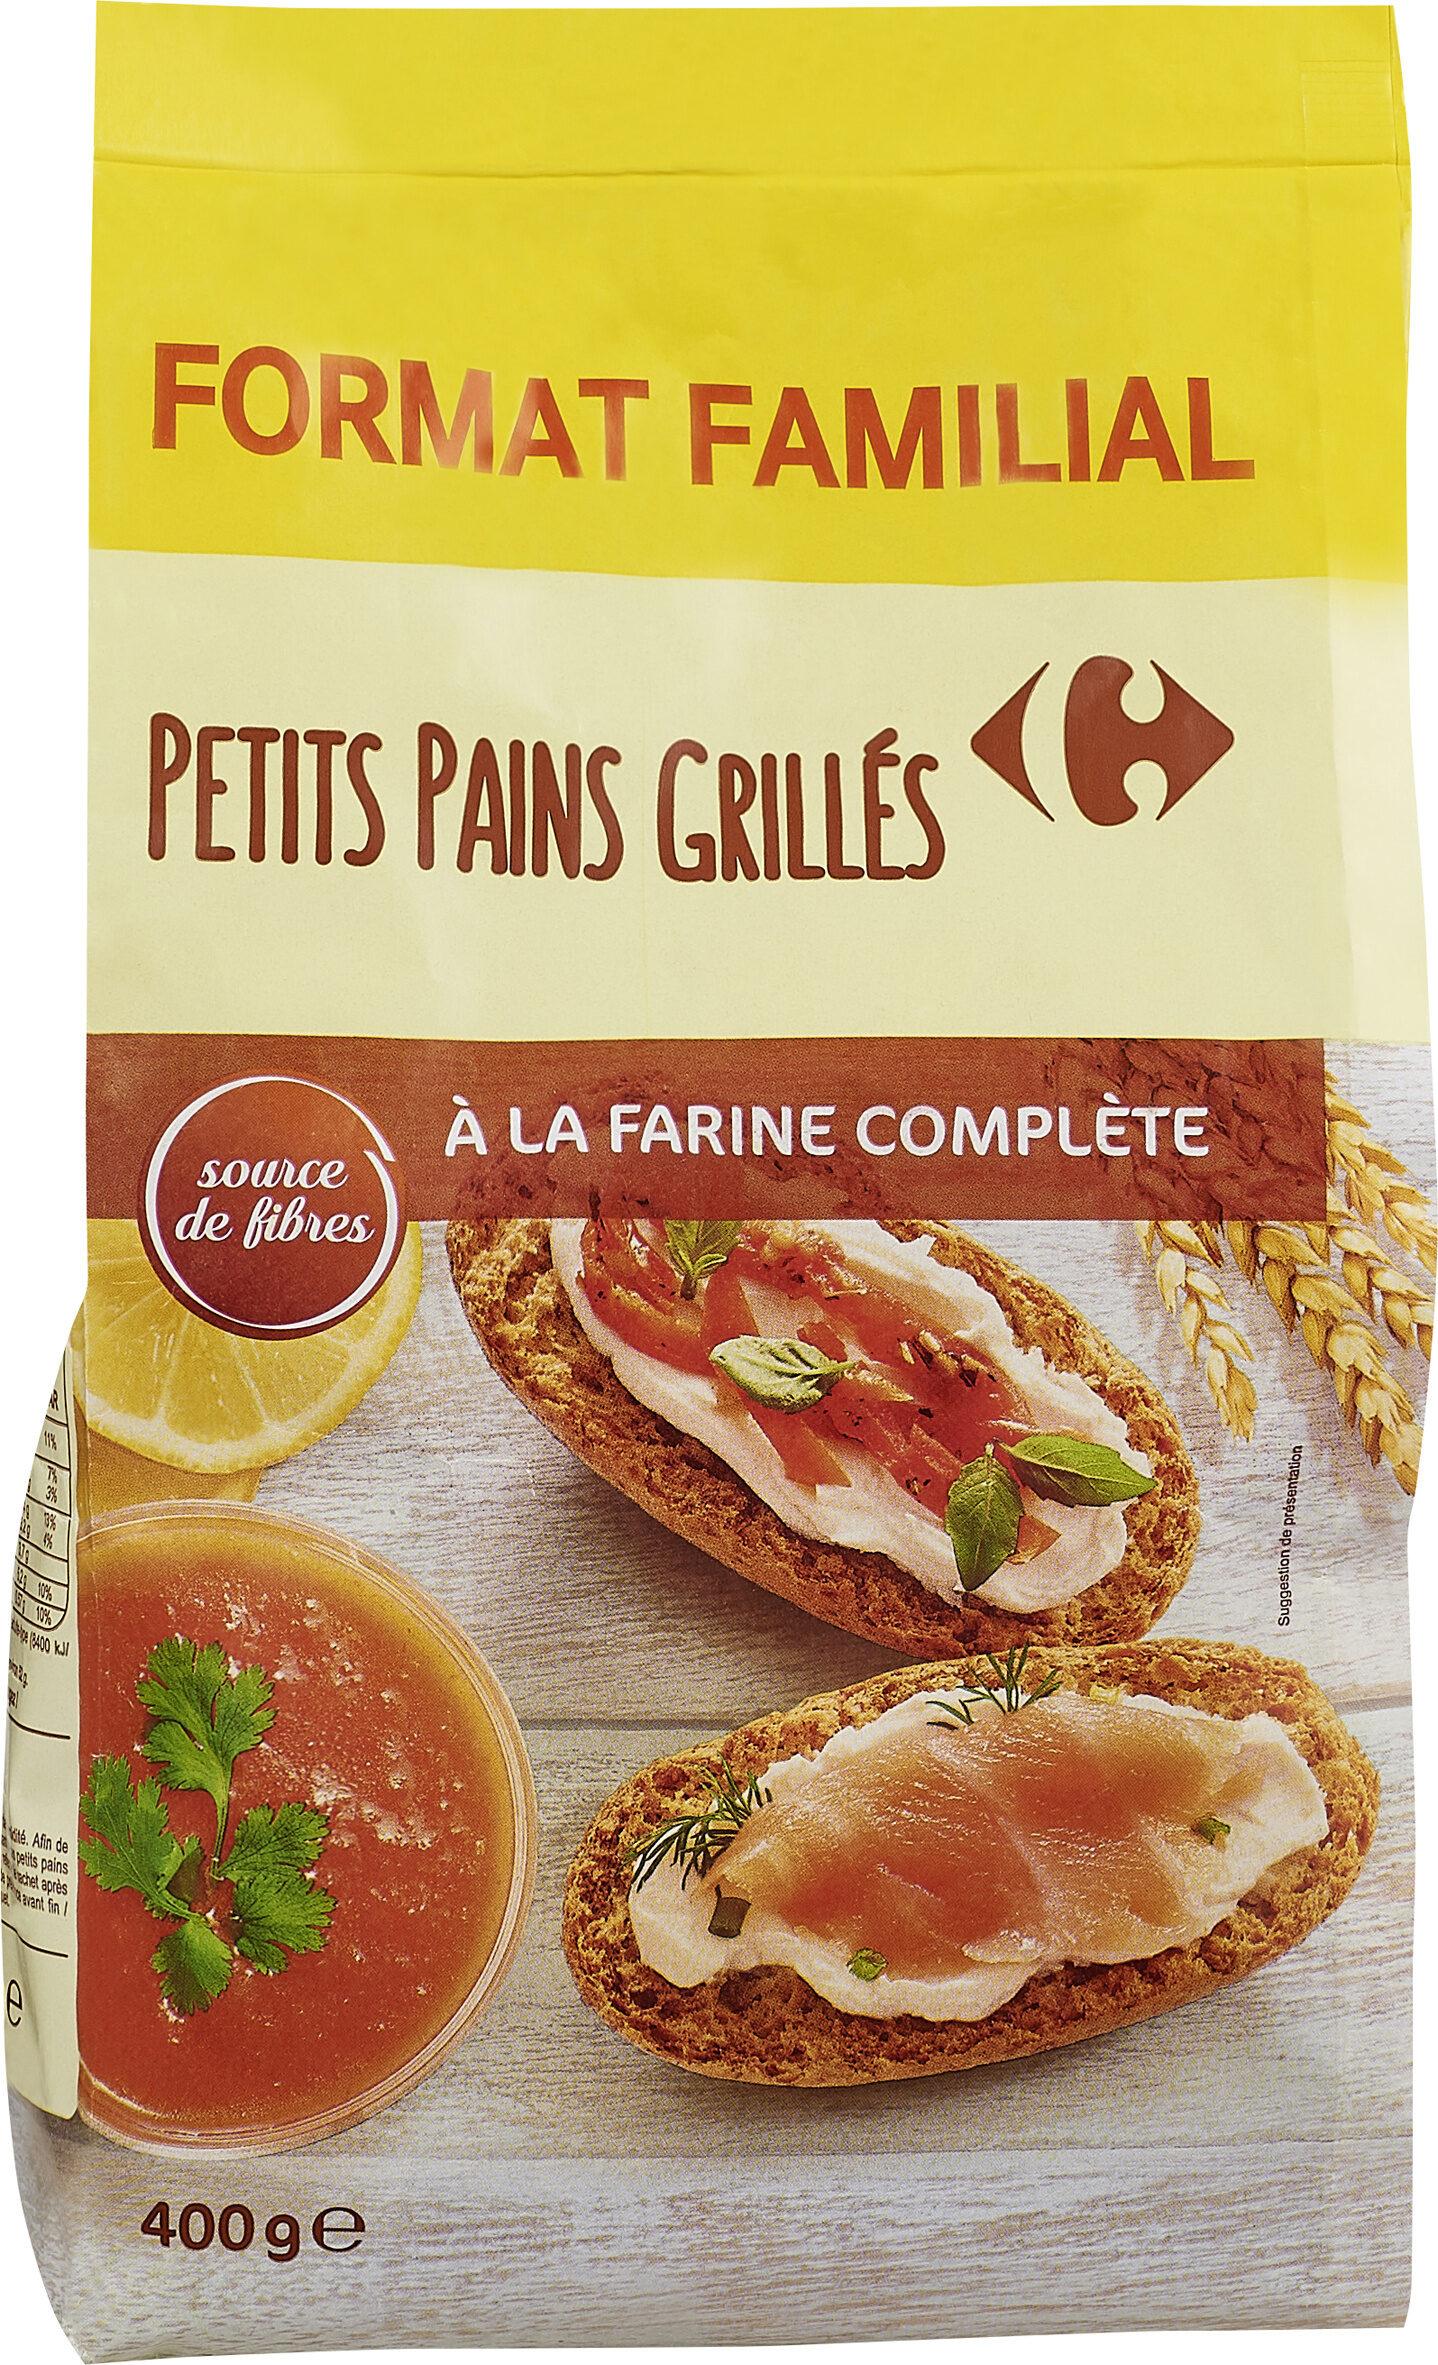 Petits pains grilles - Prodotto - fr